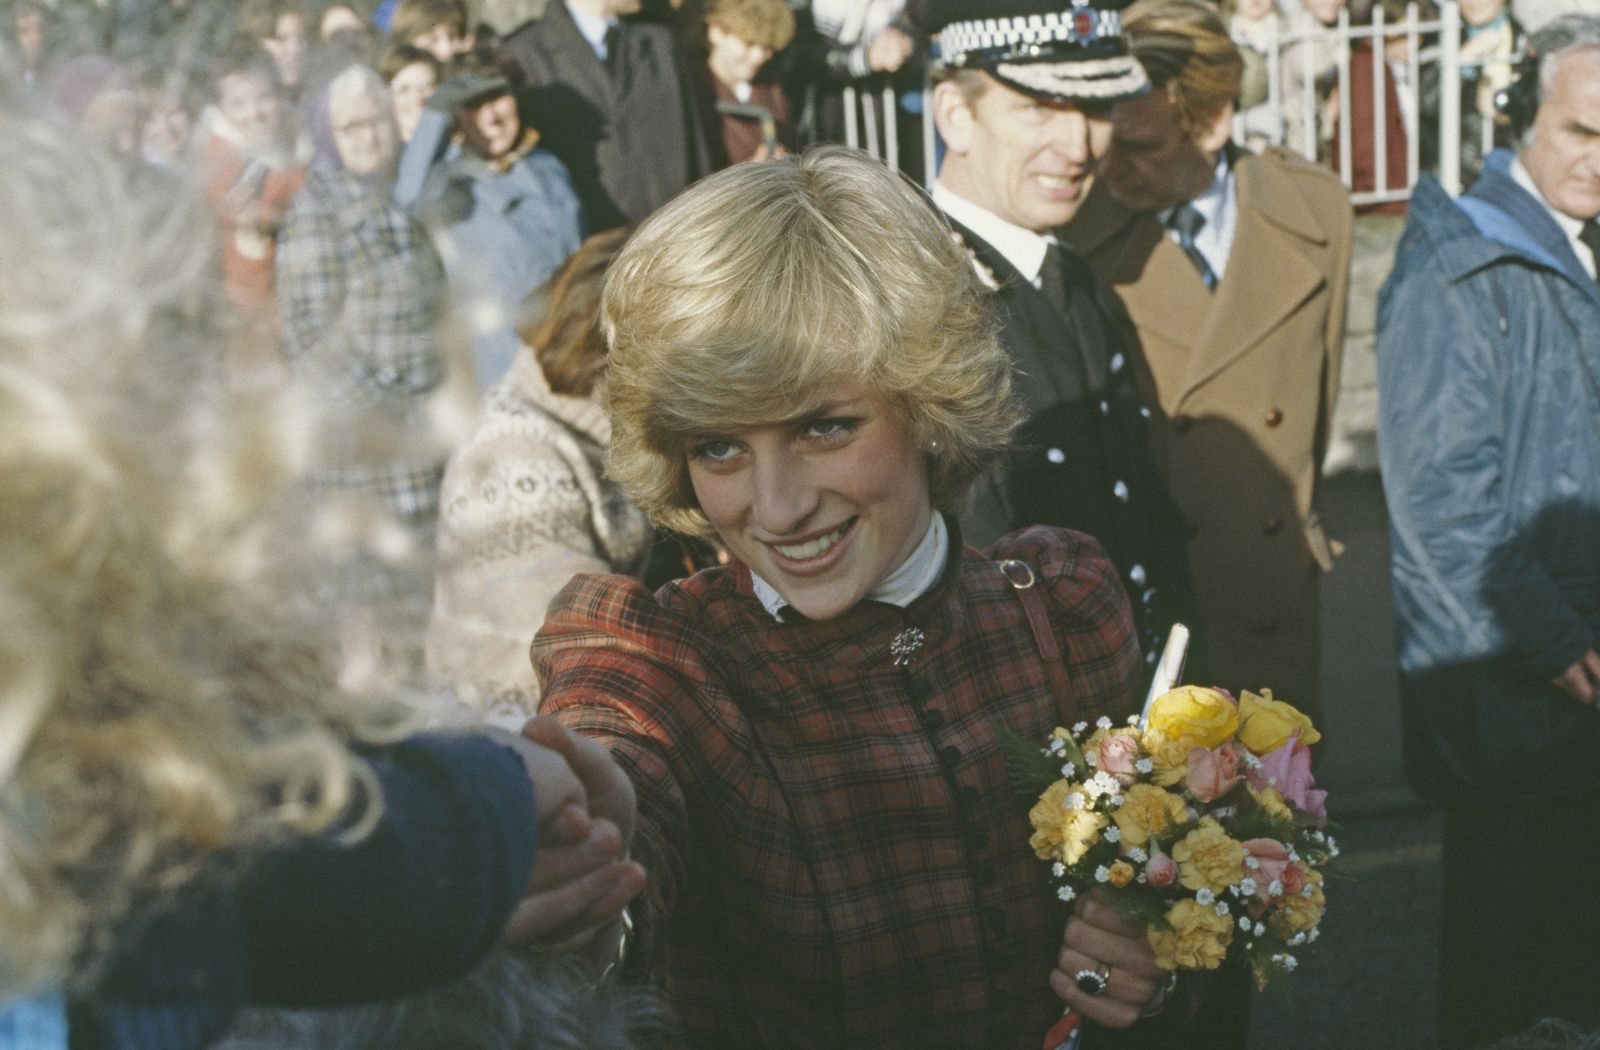 Henkersmahlzeit - Diana at Cirencester